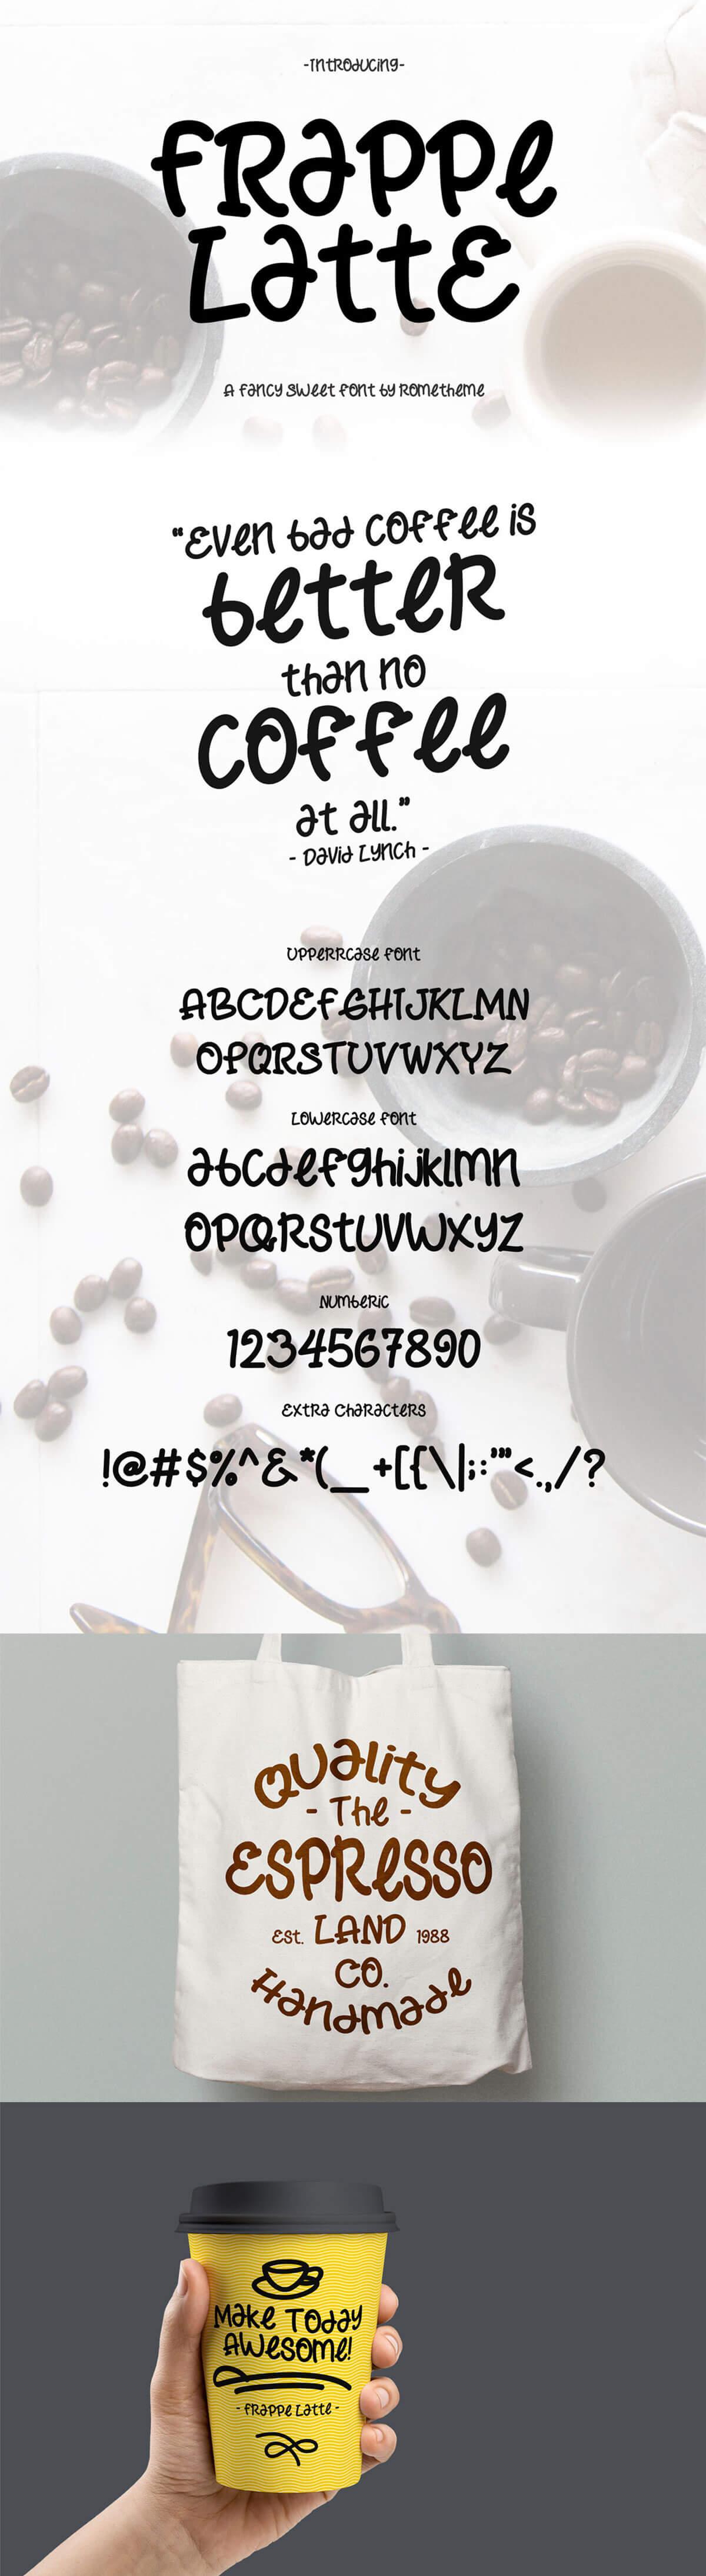 Free Frappe Latte Sweet Fancy Font